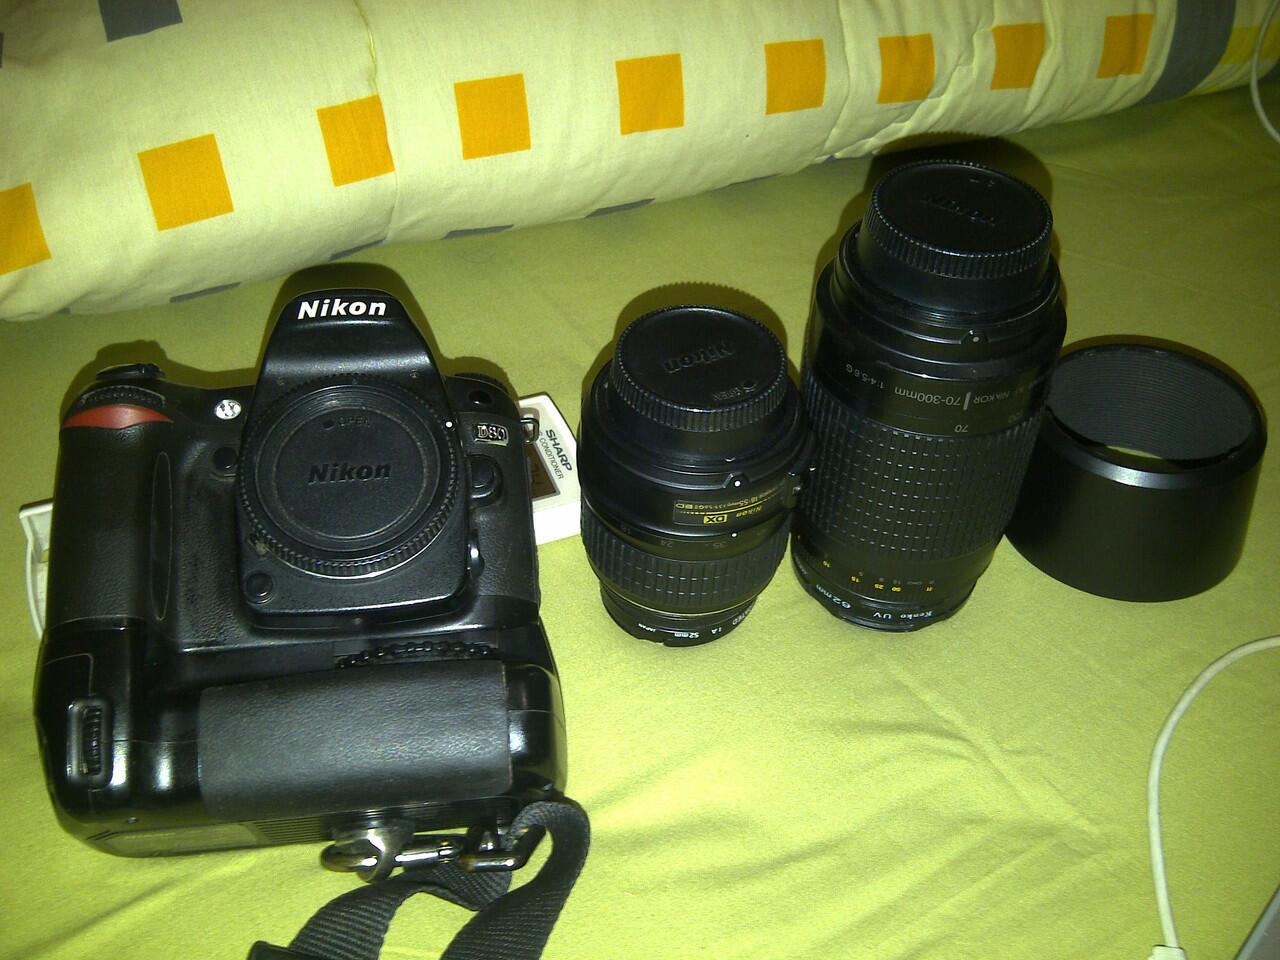 5jutaan nikon D80 + lensa kit !8-55mm + lensa nikon 70-200mm + BG nikon MB D80